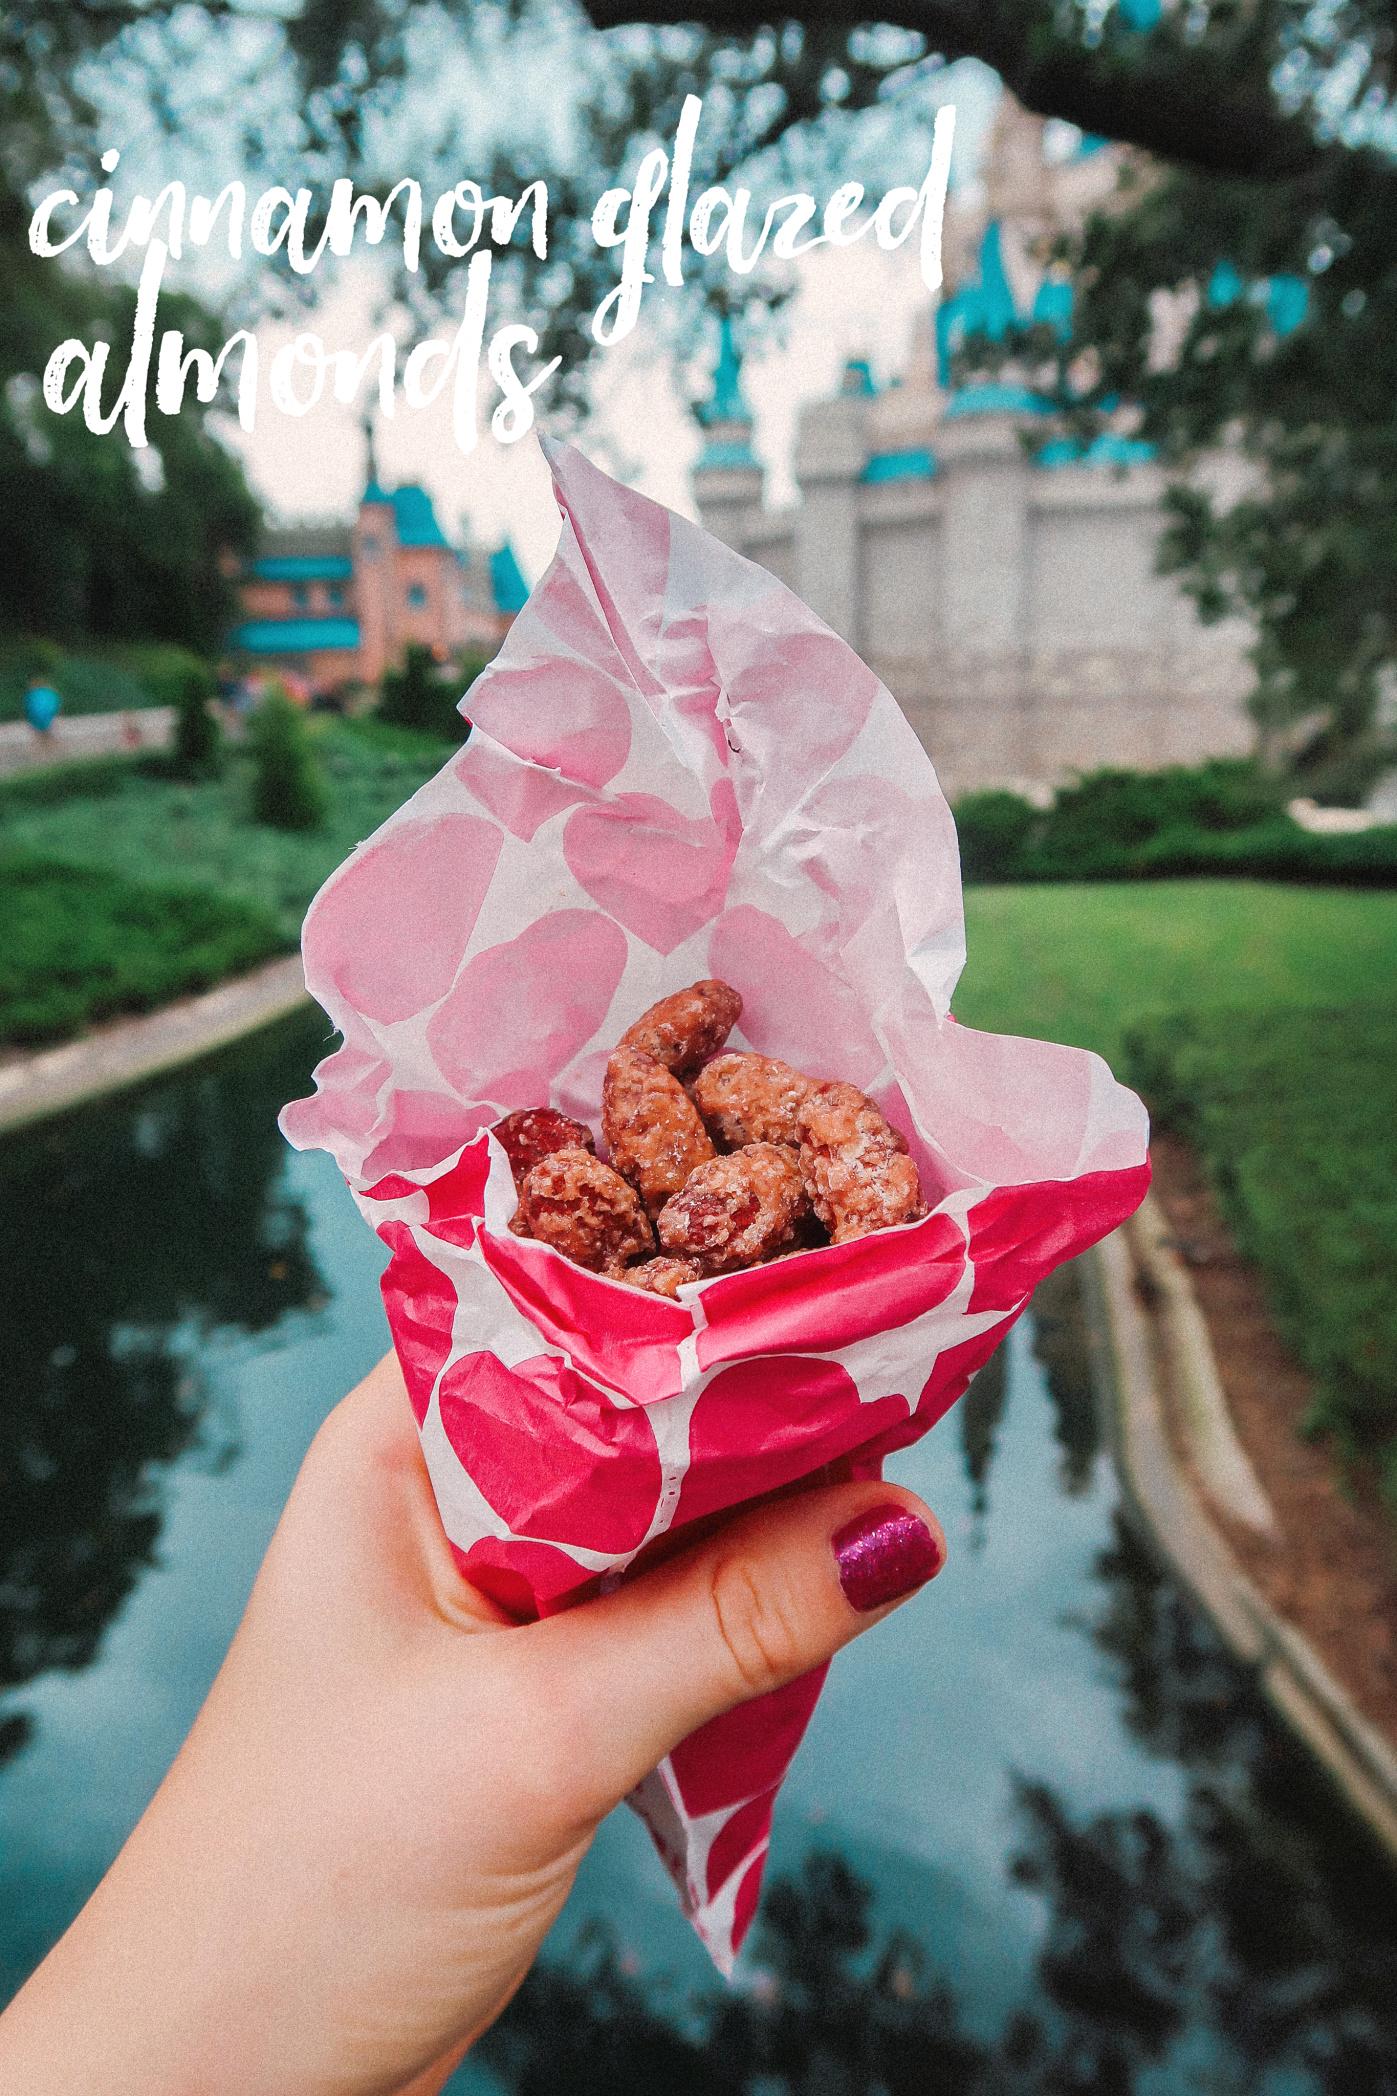 Cinnamon Glazed Almonds Walt Disney World Magic Kingdom Vegan Gluten Free Dairy free